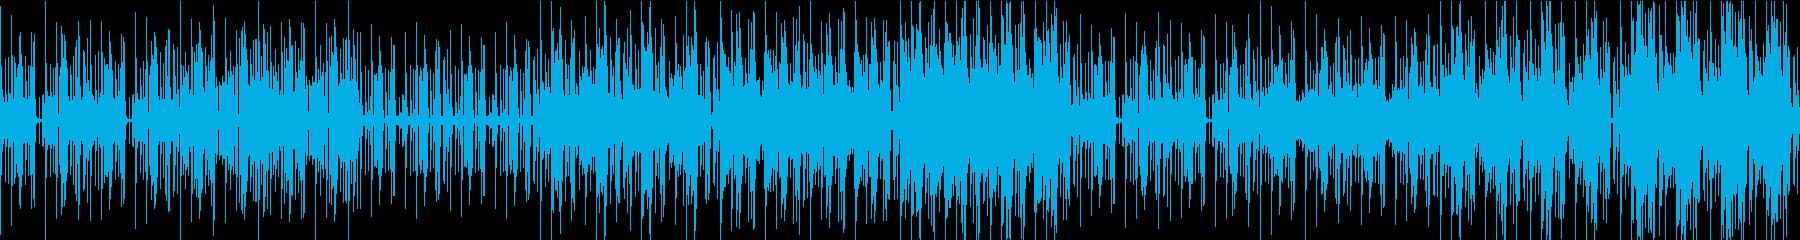 空間系シンセ&クールなギターの再生済みの波形